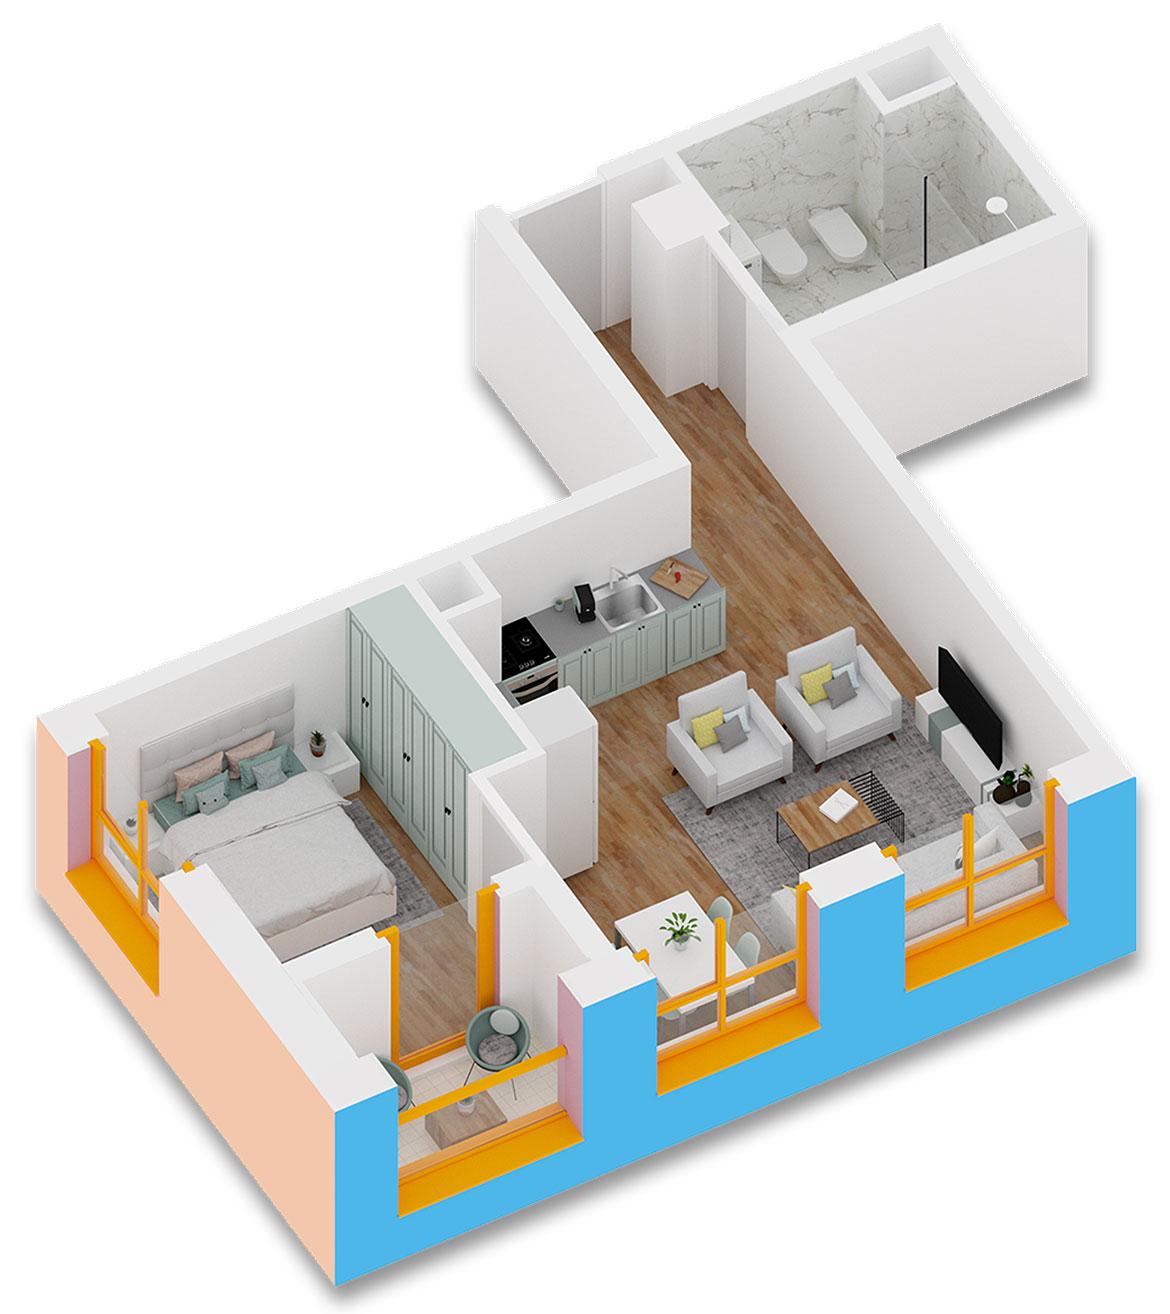 Apartament 1+1 në shitje në Tiranë - Mangalem 21 Shkalla 10 Kati 4